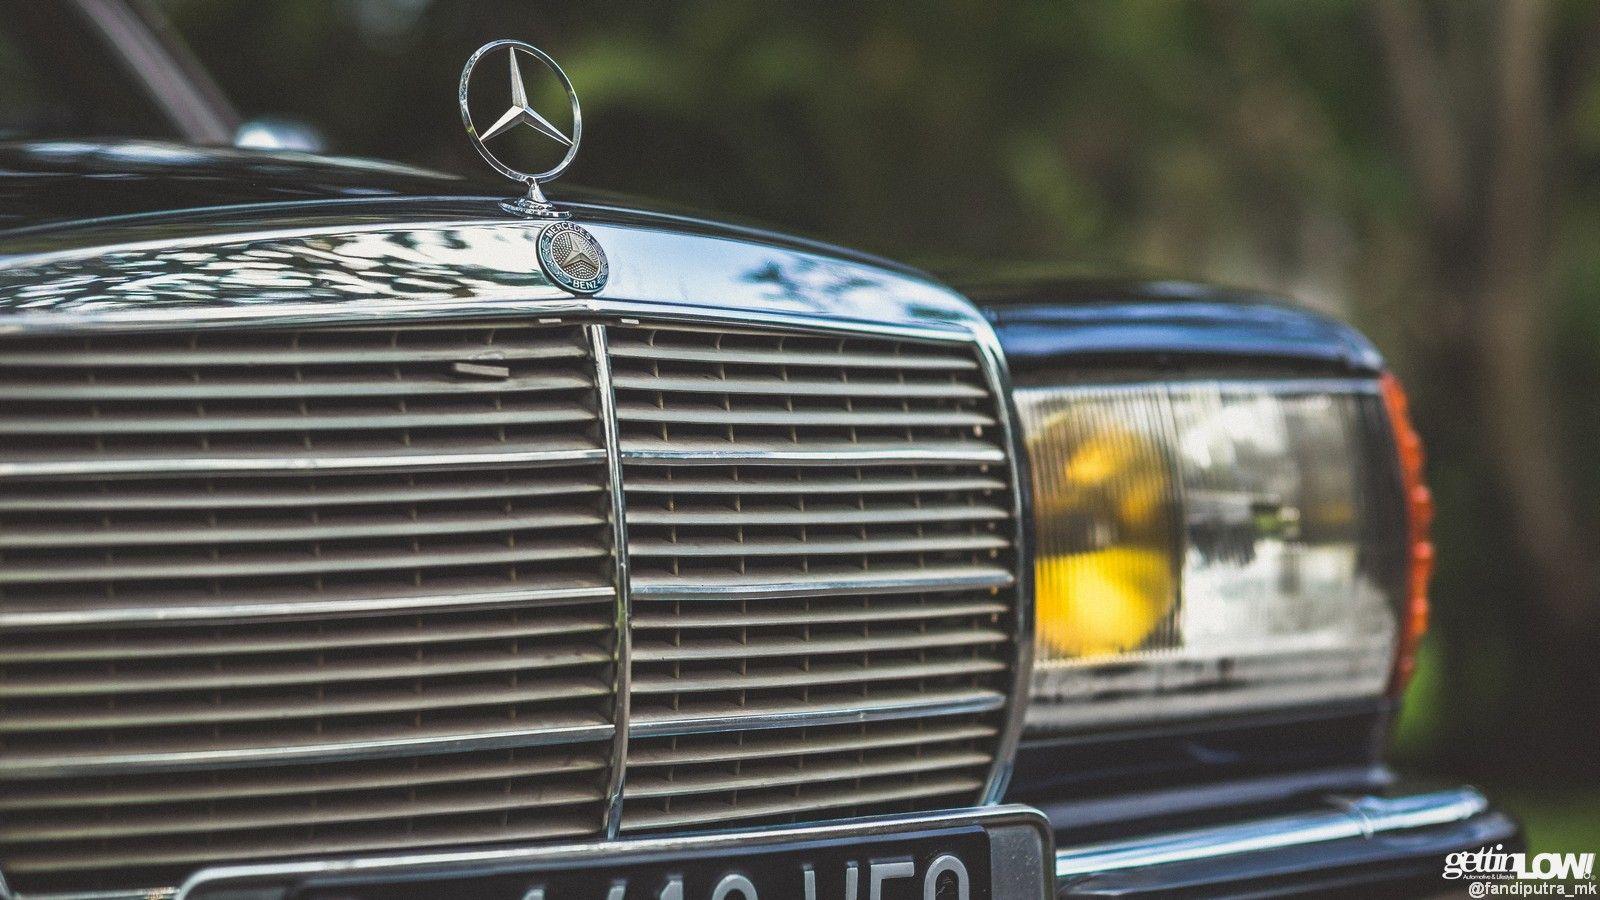 Mercedes Benz Classic Vintage Old German Car Stanceworks